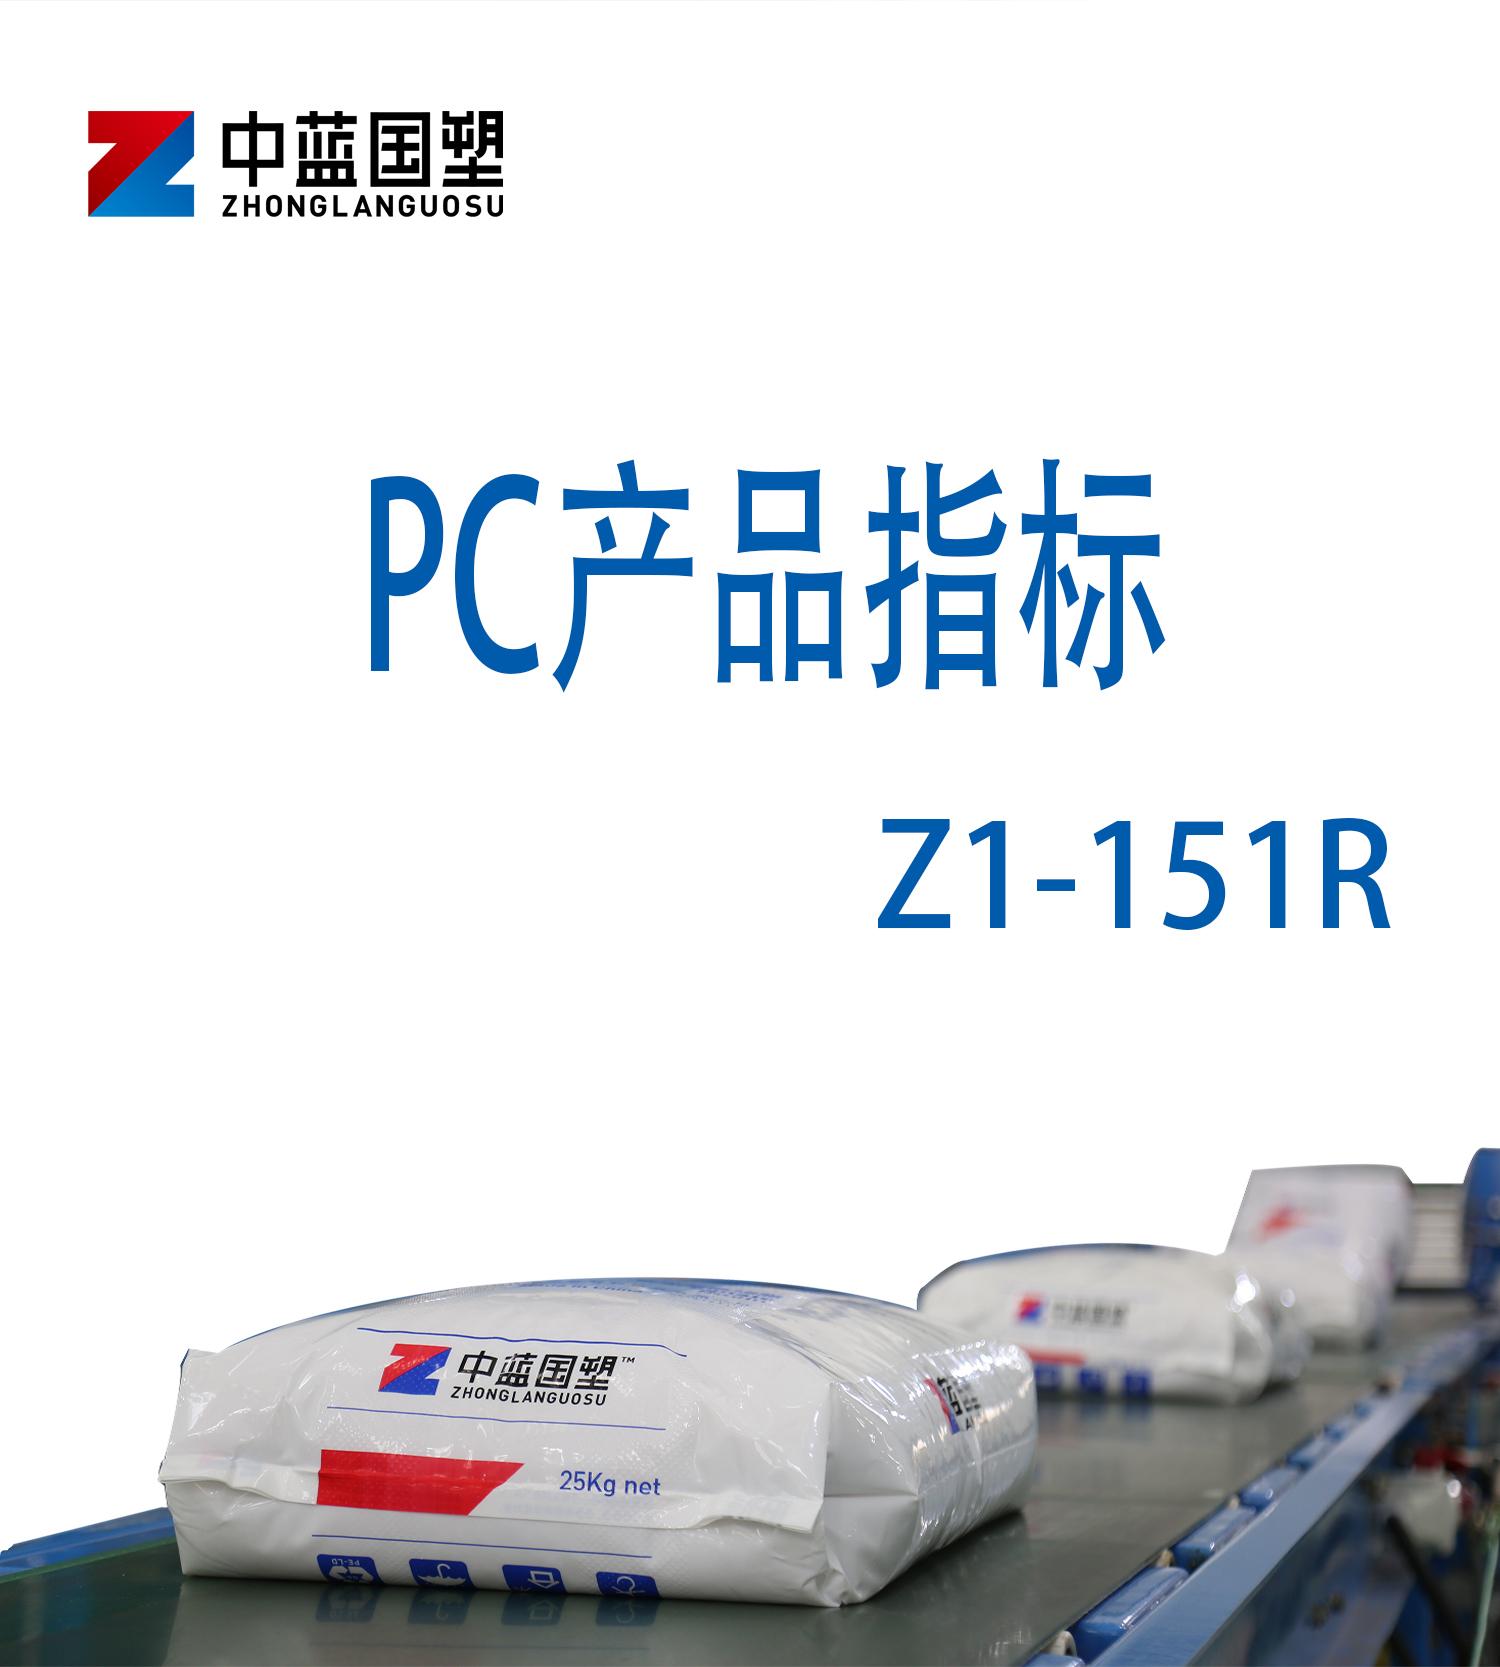 Z1-151R